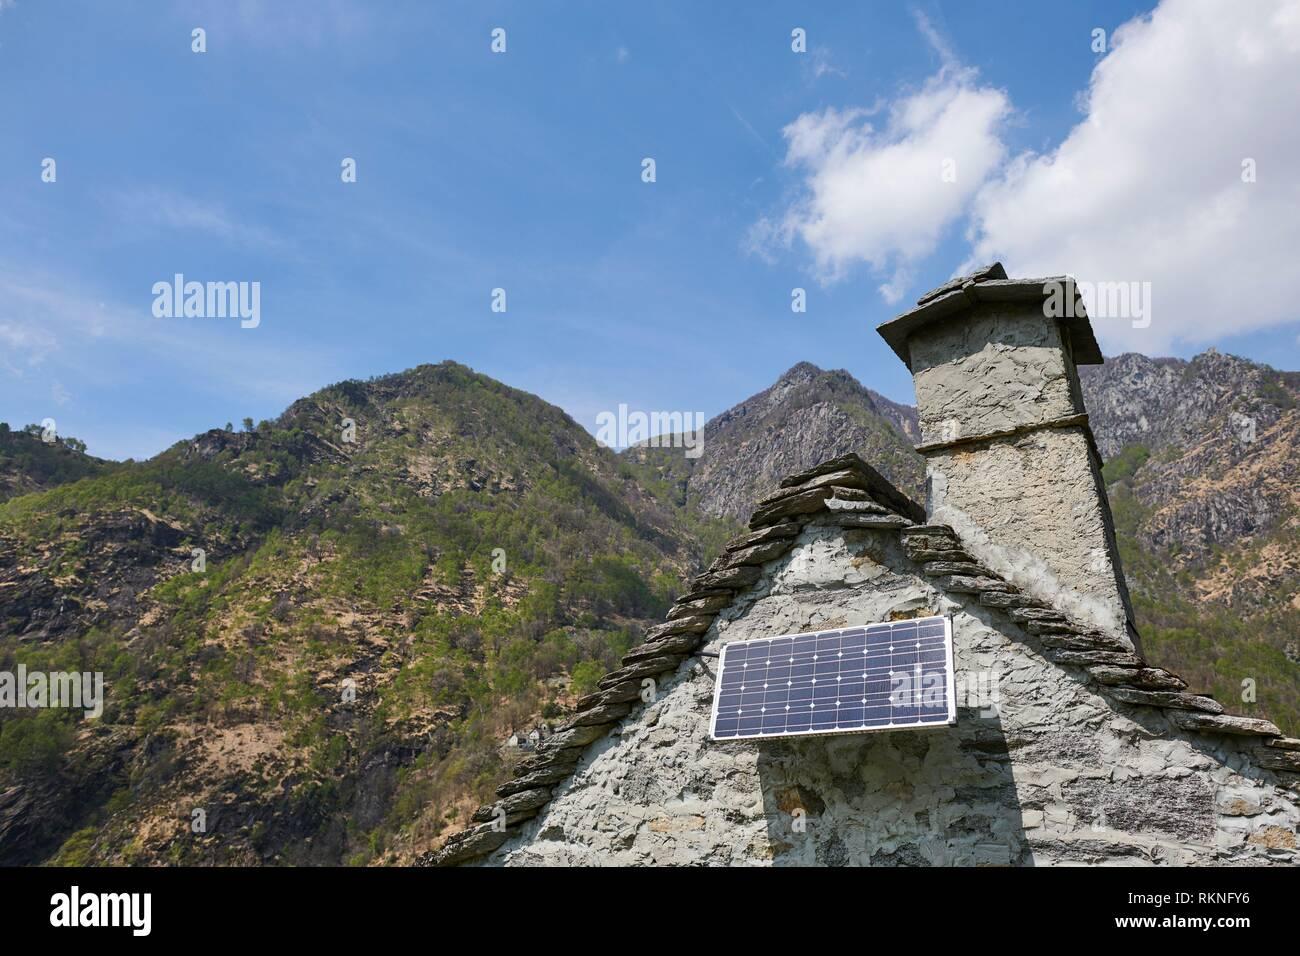 Un panel solar instalado en un edificio rústico. Maggia. Distrito de Vallemaggia. El Tesino. Swizterland. Foto de stock